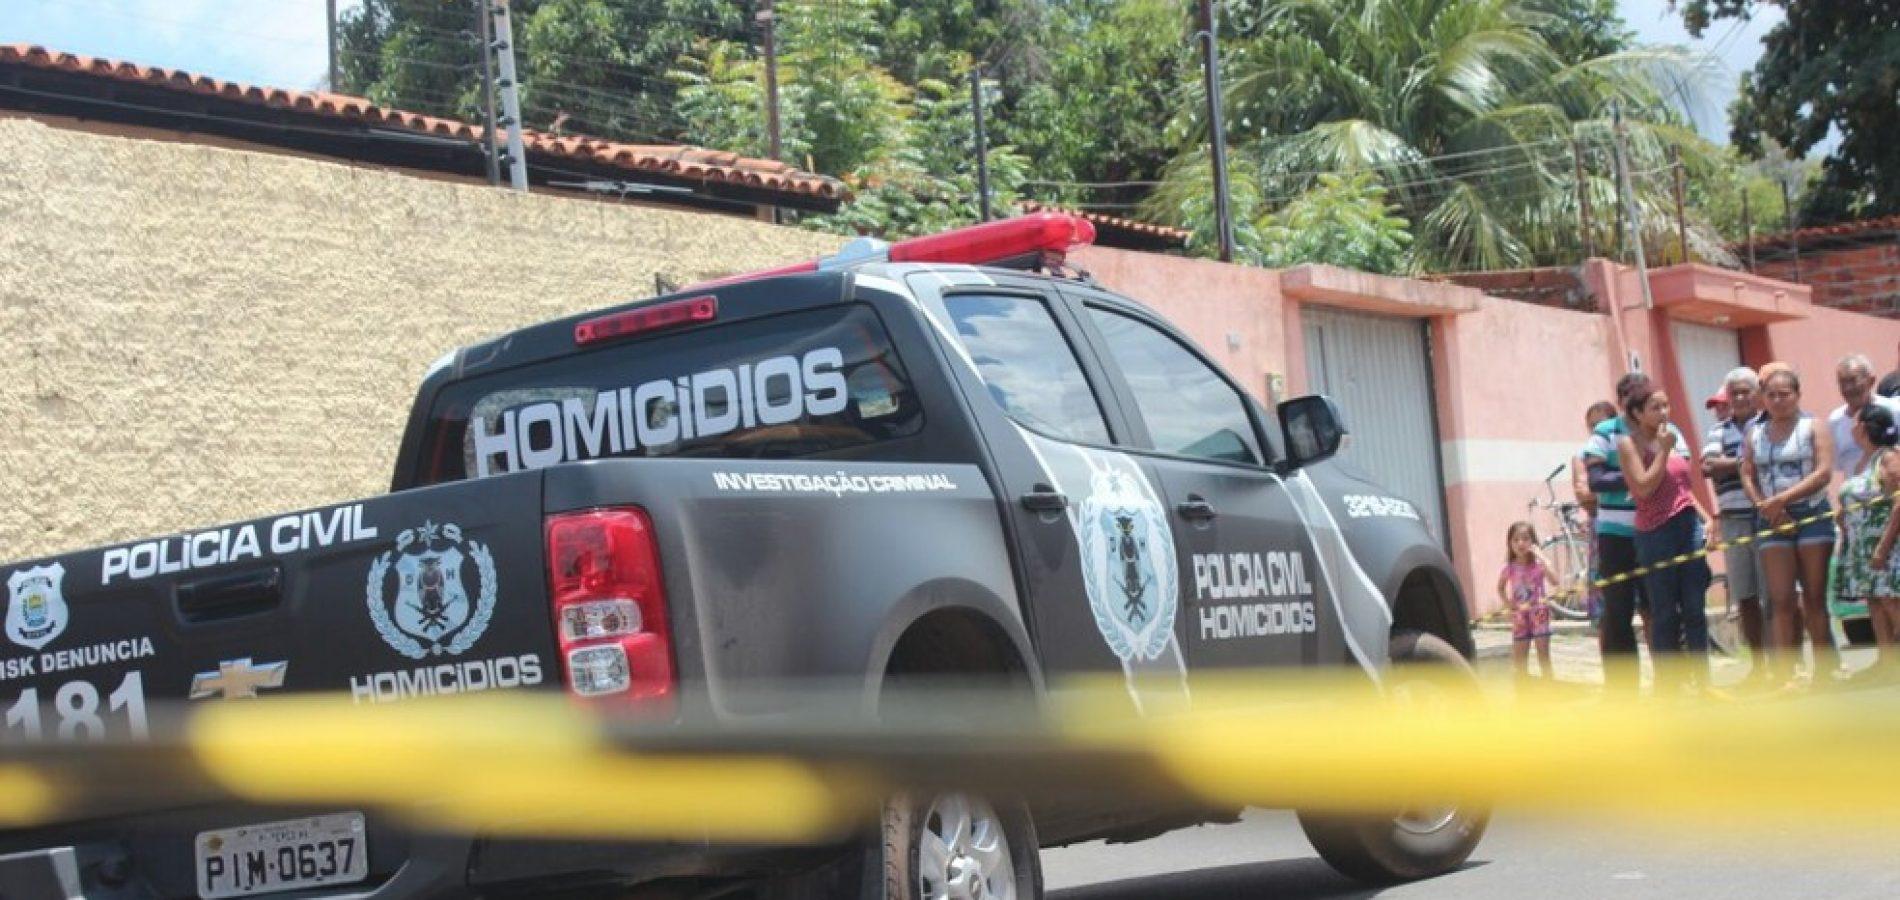 Piauí é o estado com menor redução de mortes violentas, diz Monitor da Violência